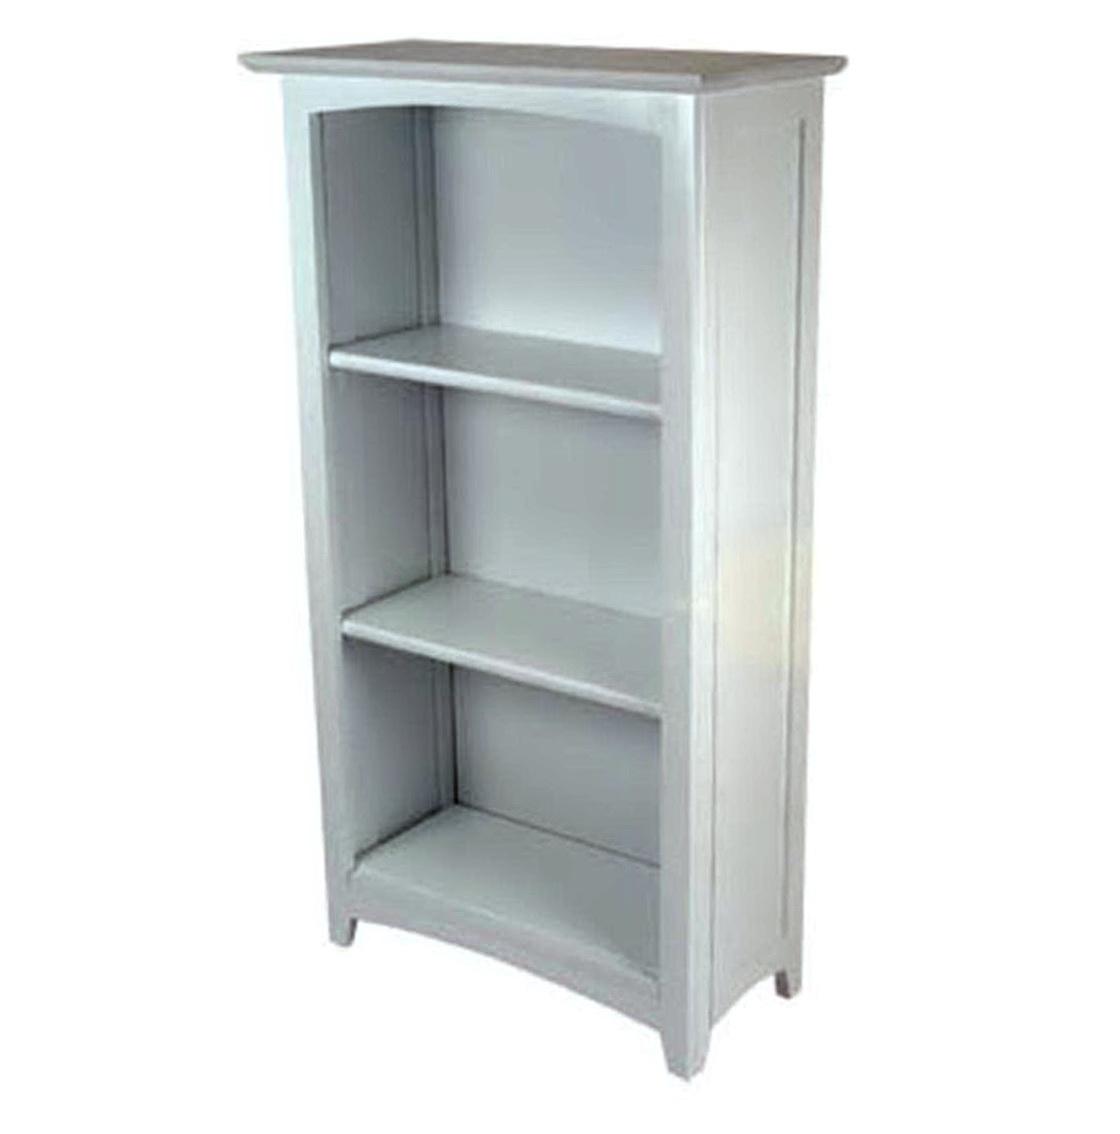 3 Shelf Bookcase White